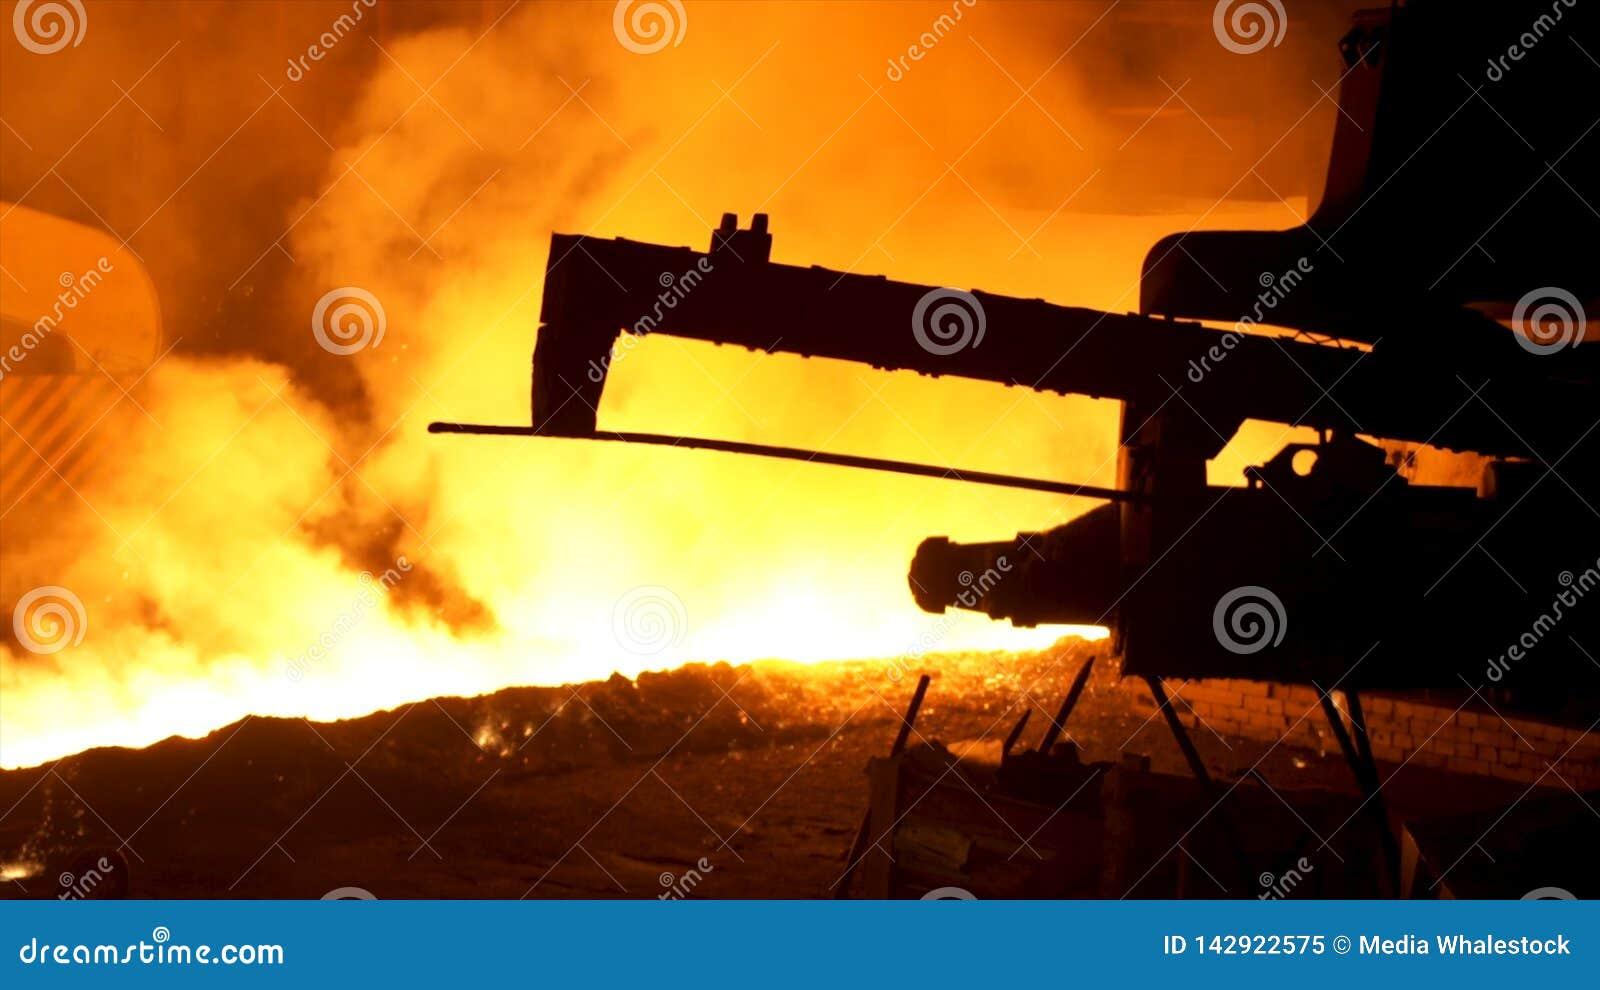 Metal fundido que vierte del mecanismo especial, concepto de la metalurgia Acero fundido que fluye en canal inclinado metalúrgico